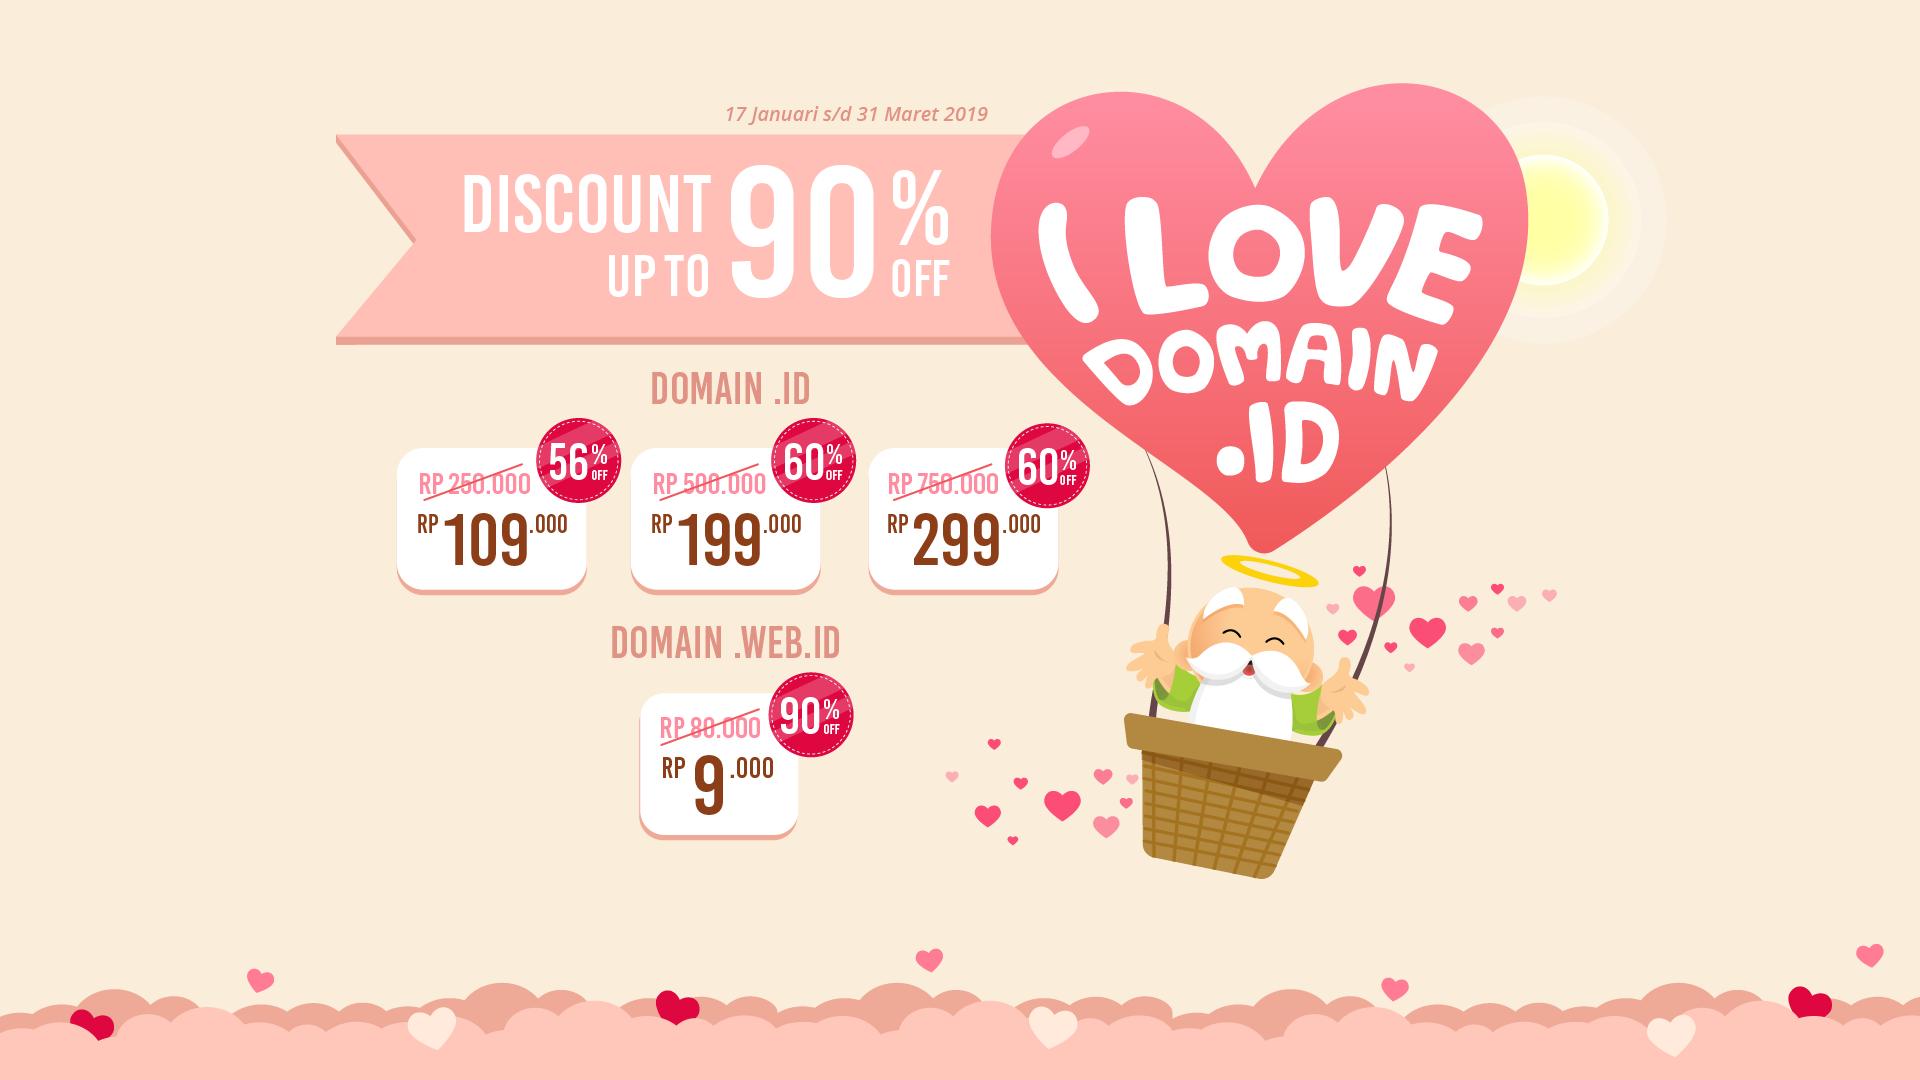 Promo Special Domain .id & web.id Murah Durasi Setahun dari Dewaweb (Discount up to 90% OFF)